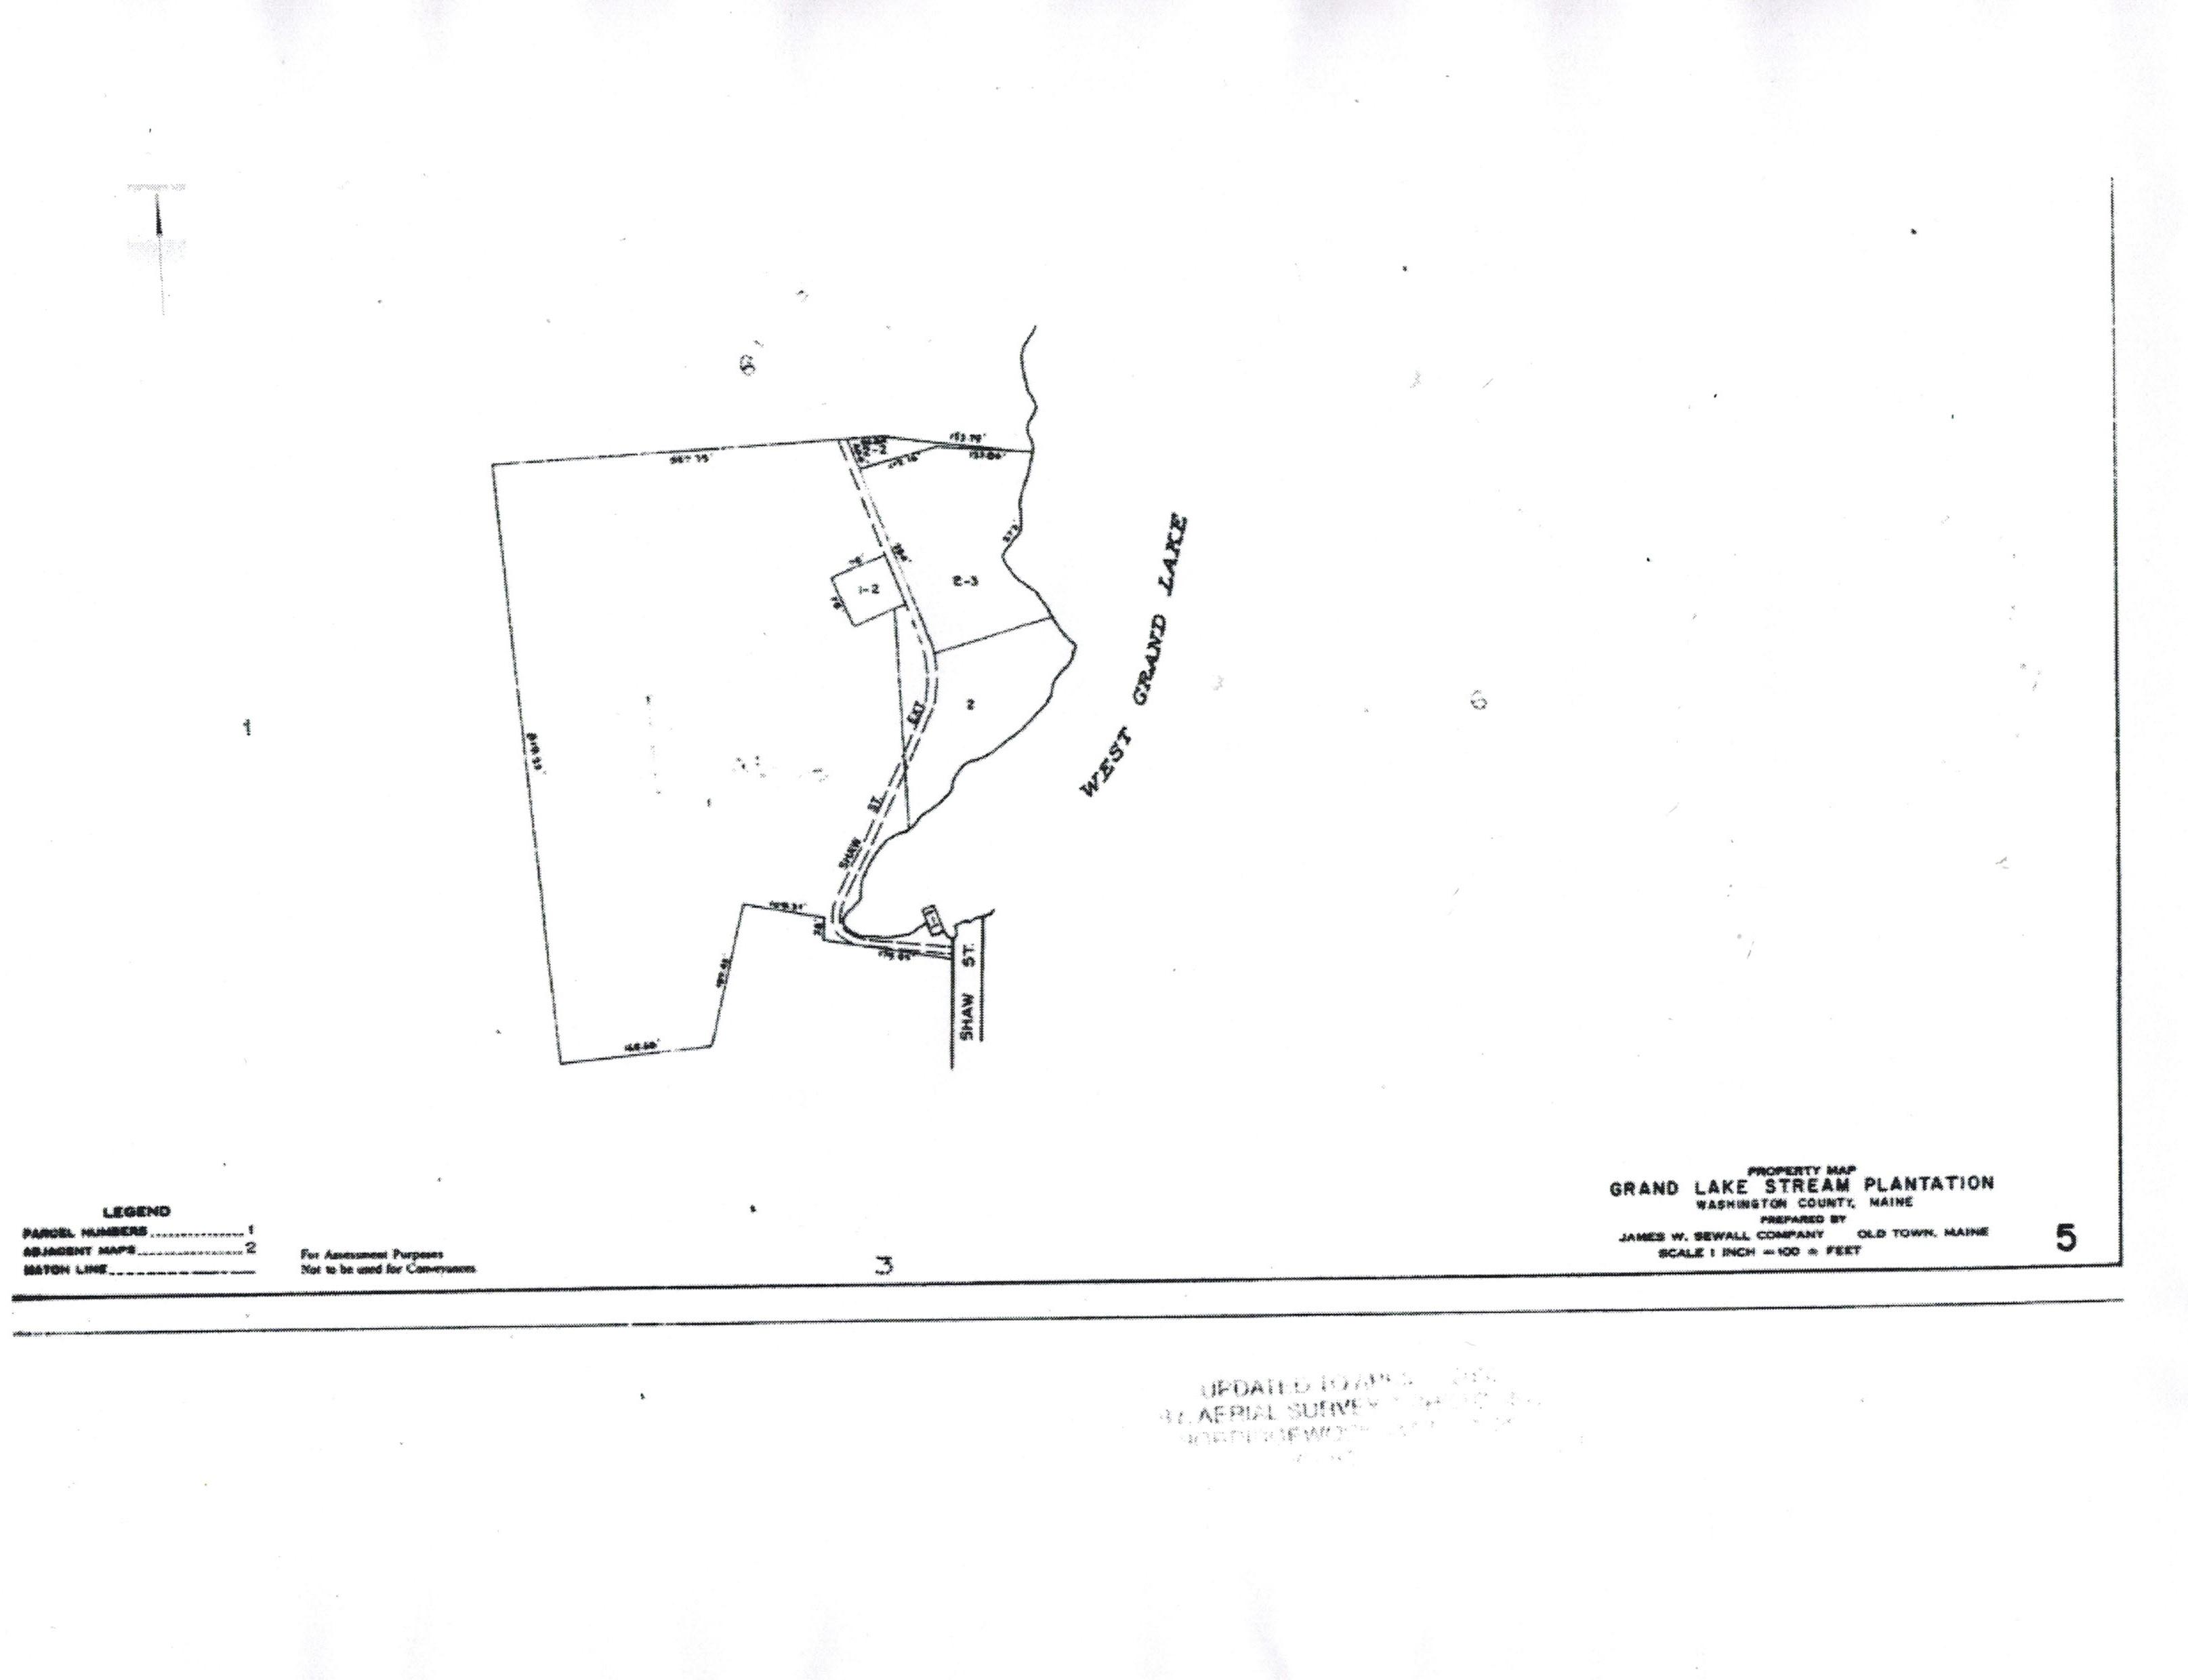 Grand Lake Stream Maine Map.Map 5 Grand Lake Stream Maine